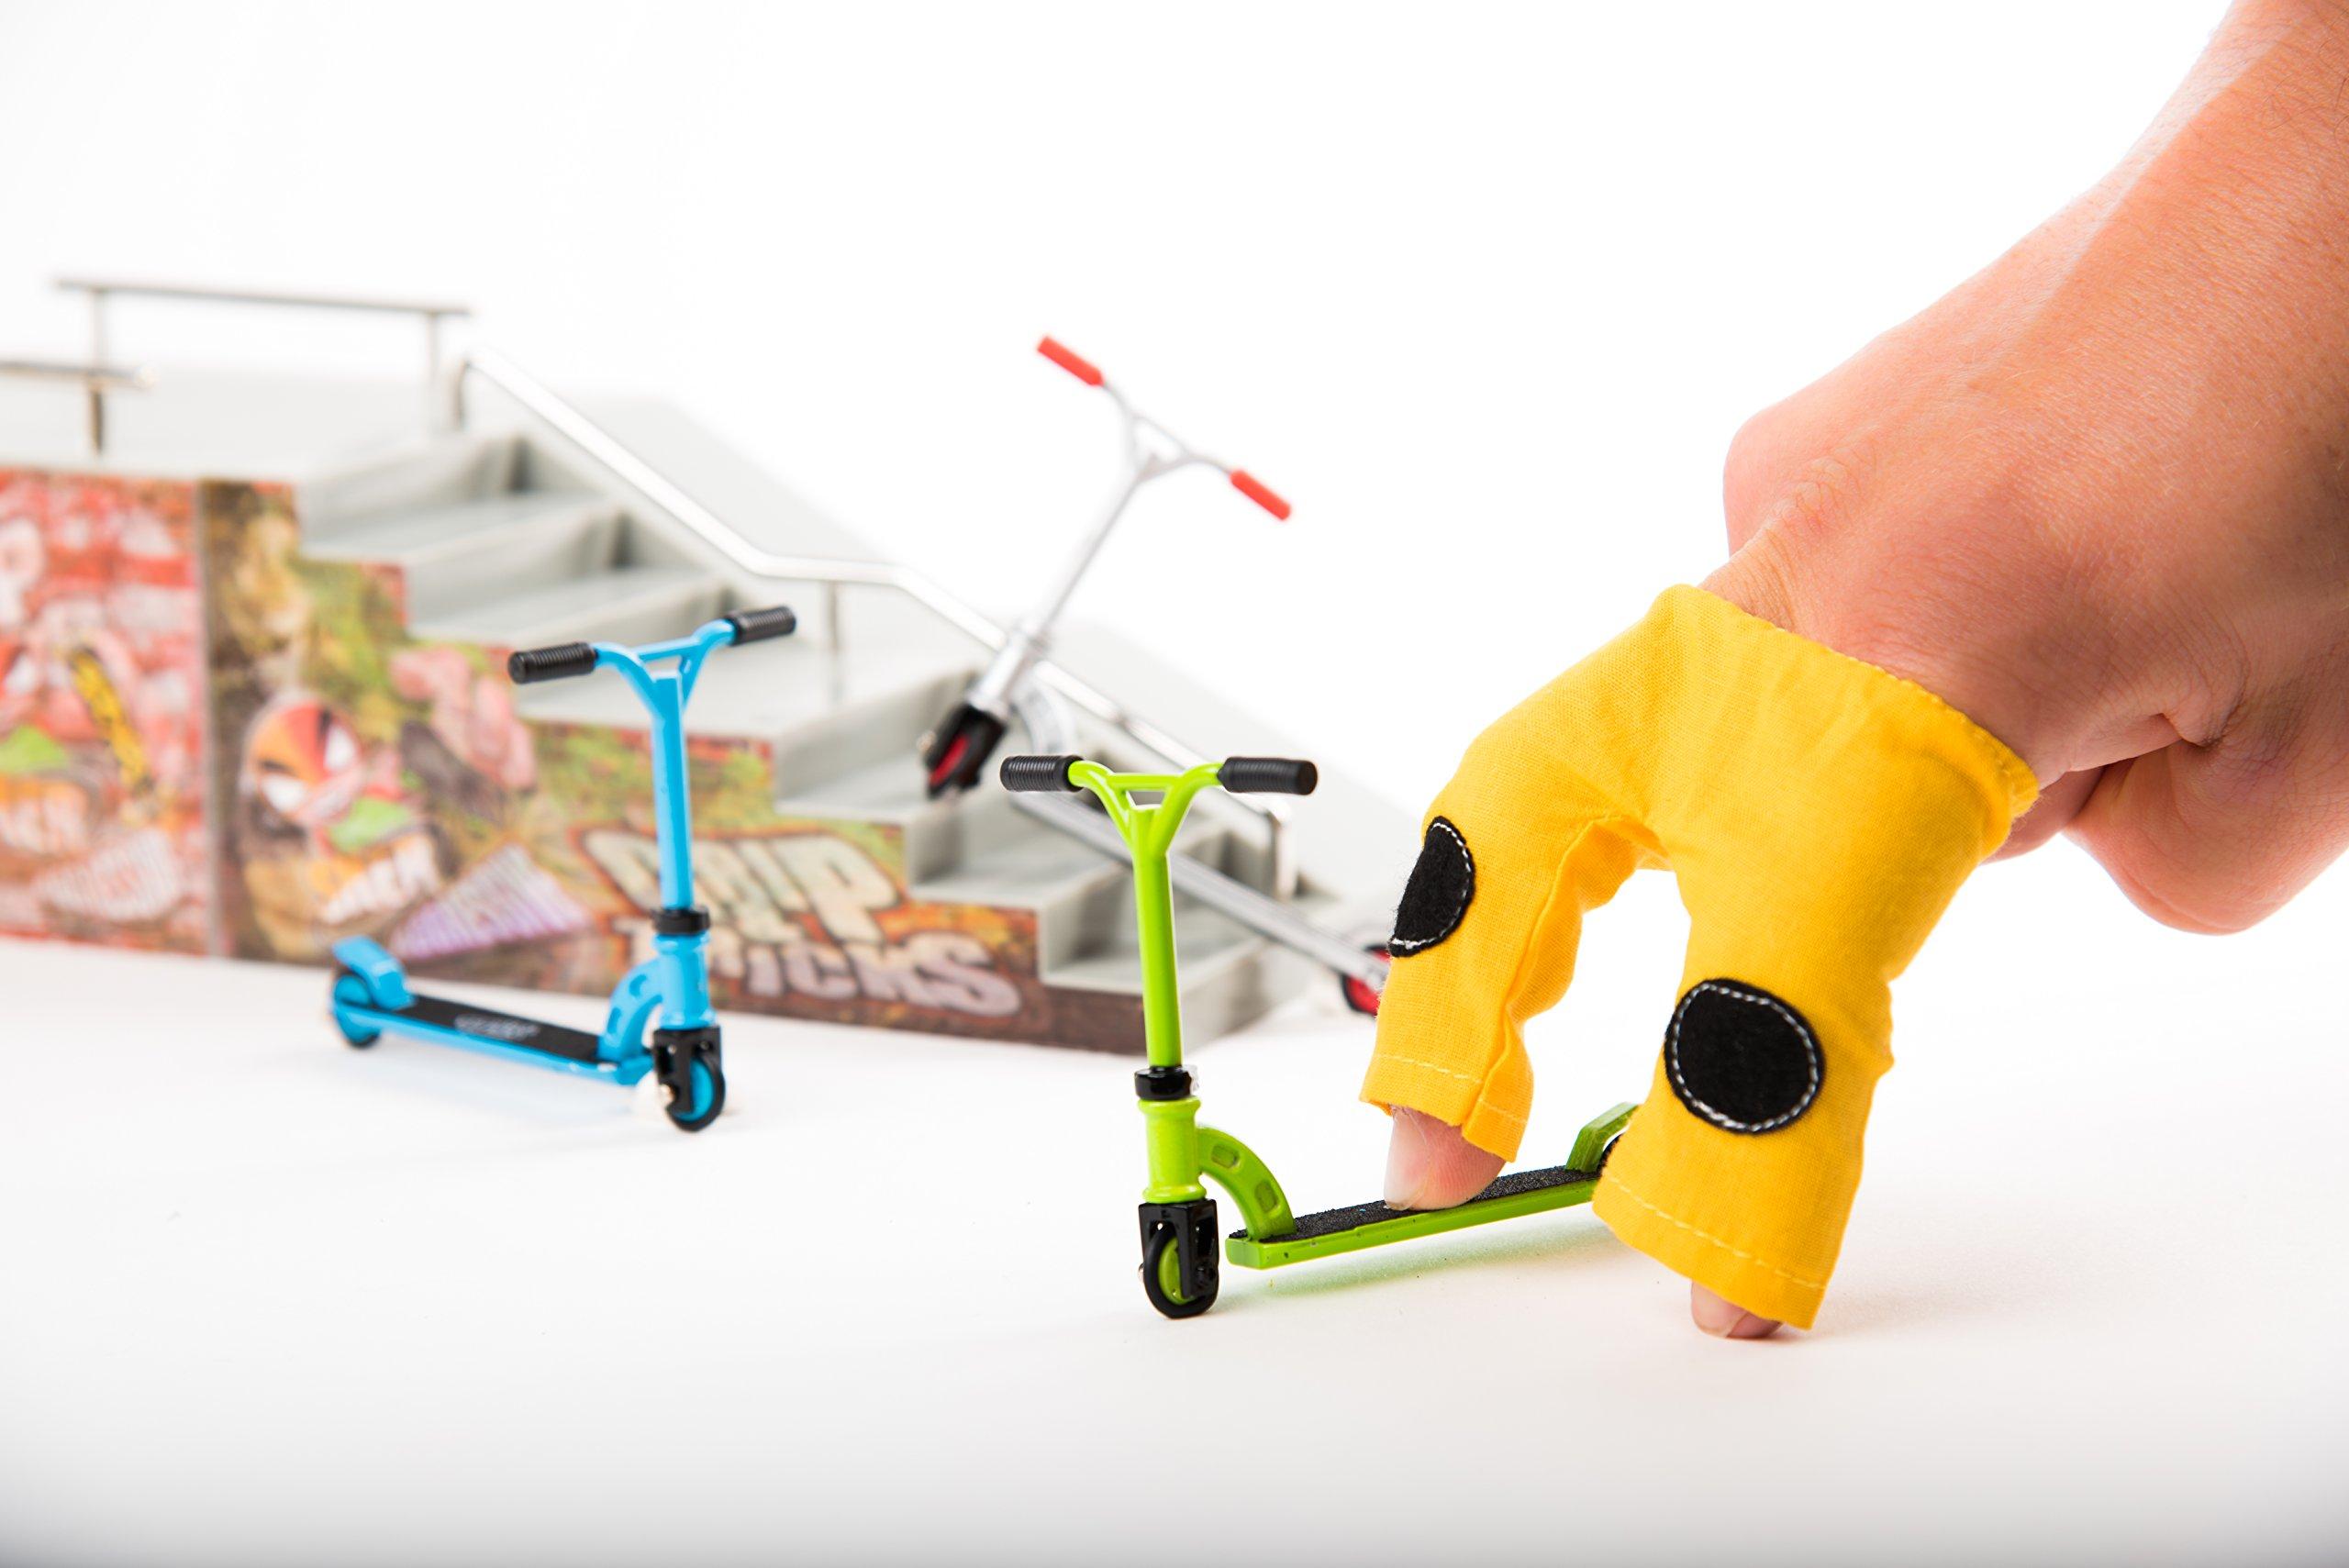 Grip & Tricks - Finger SCOOTER - Skate - Pack1 - Dimensions: 22 X 13,5 X 2 cm by Grip&Tricks by Grip&Tricks (Image #6)